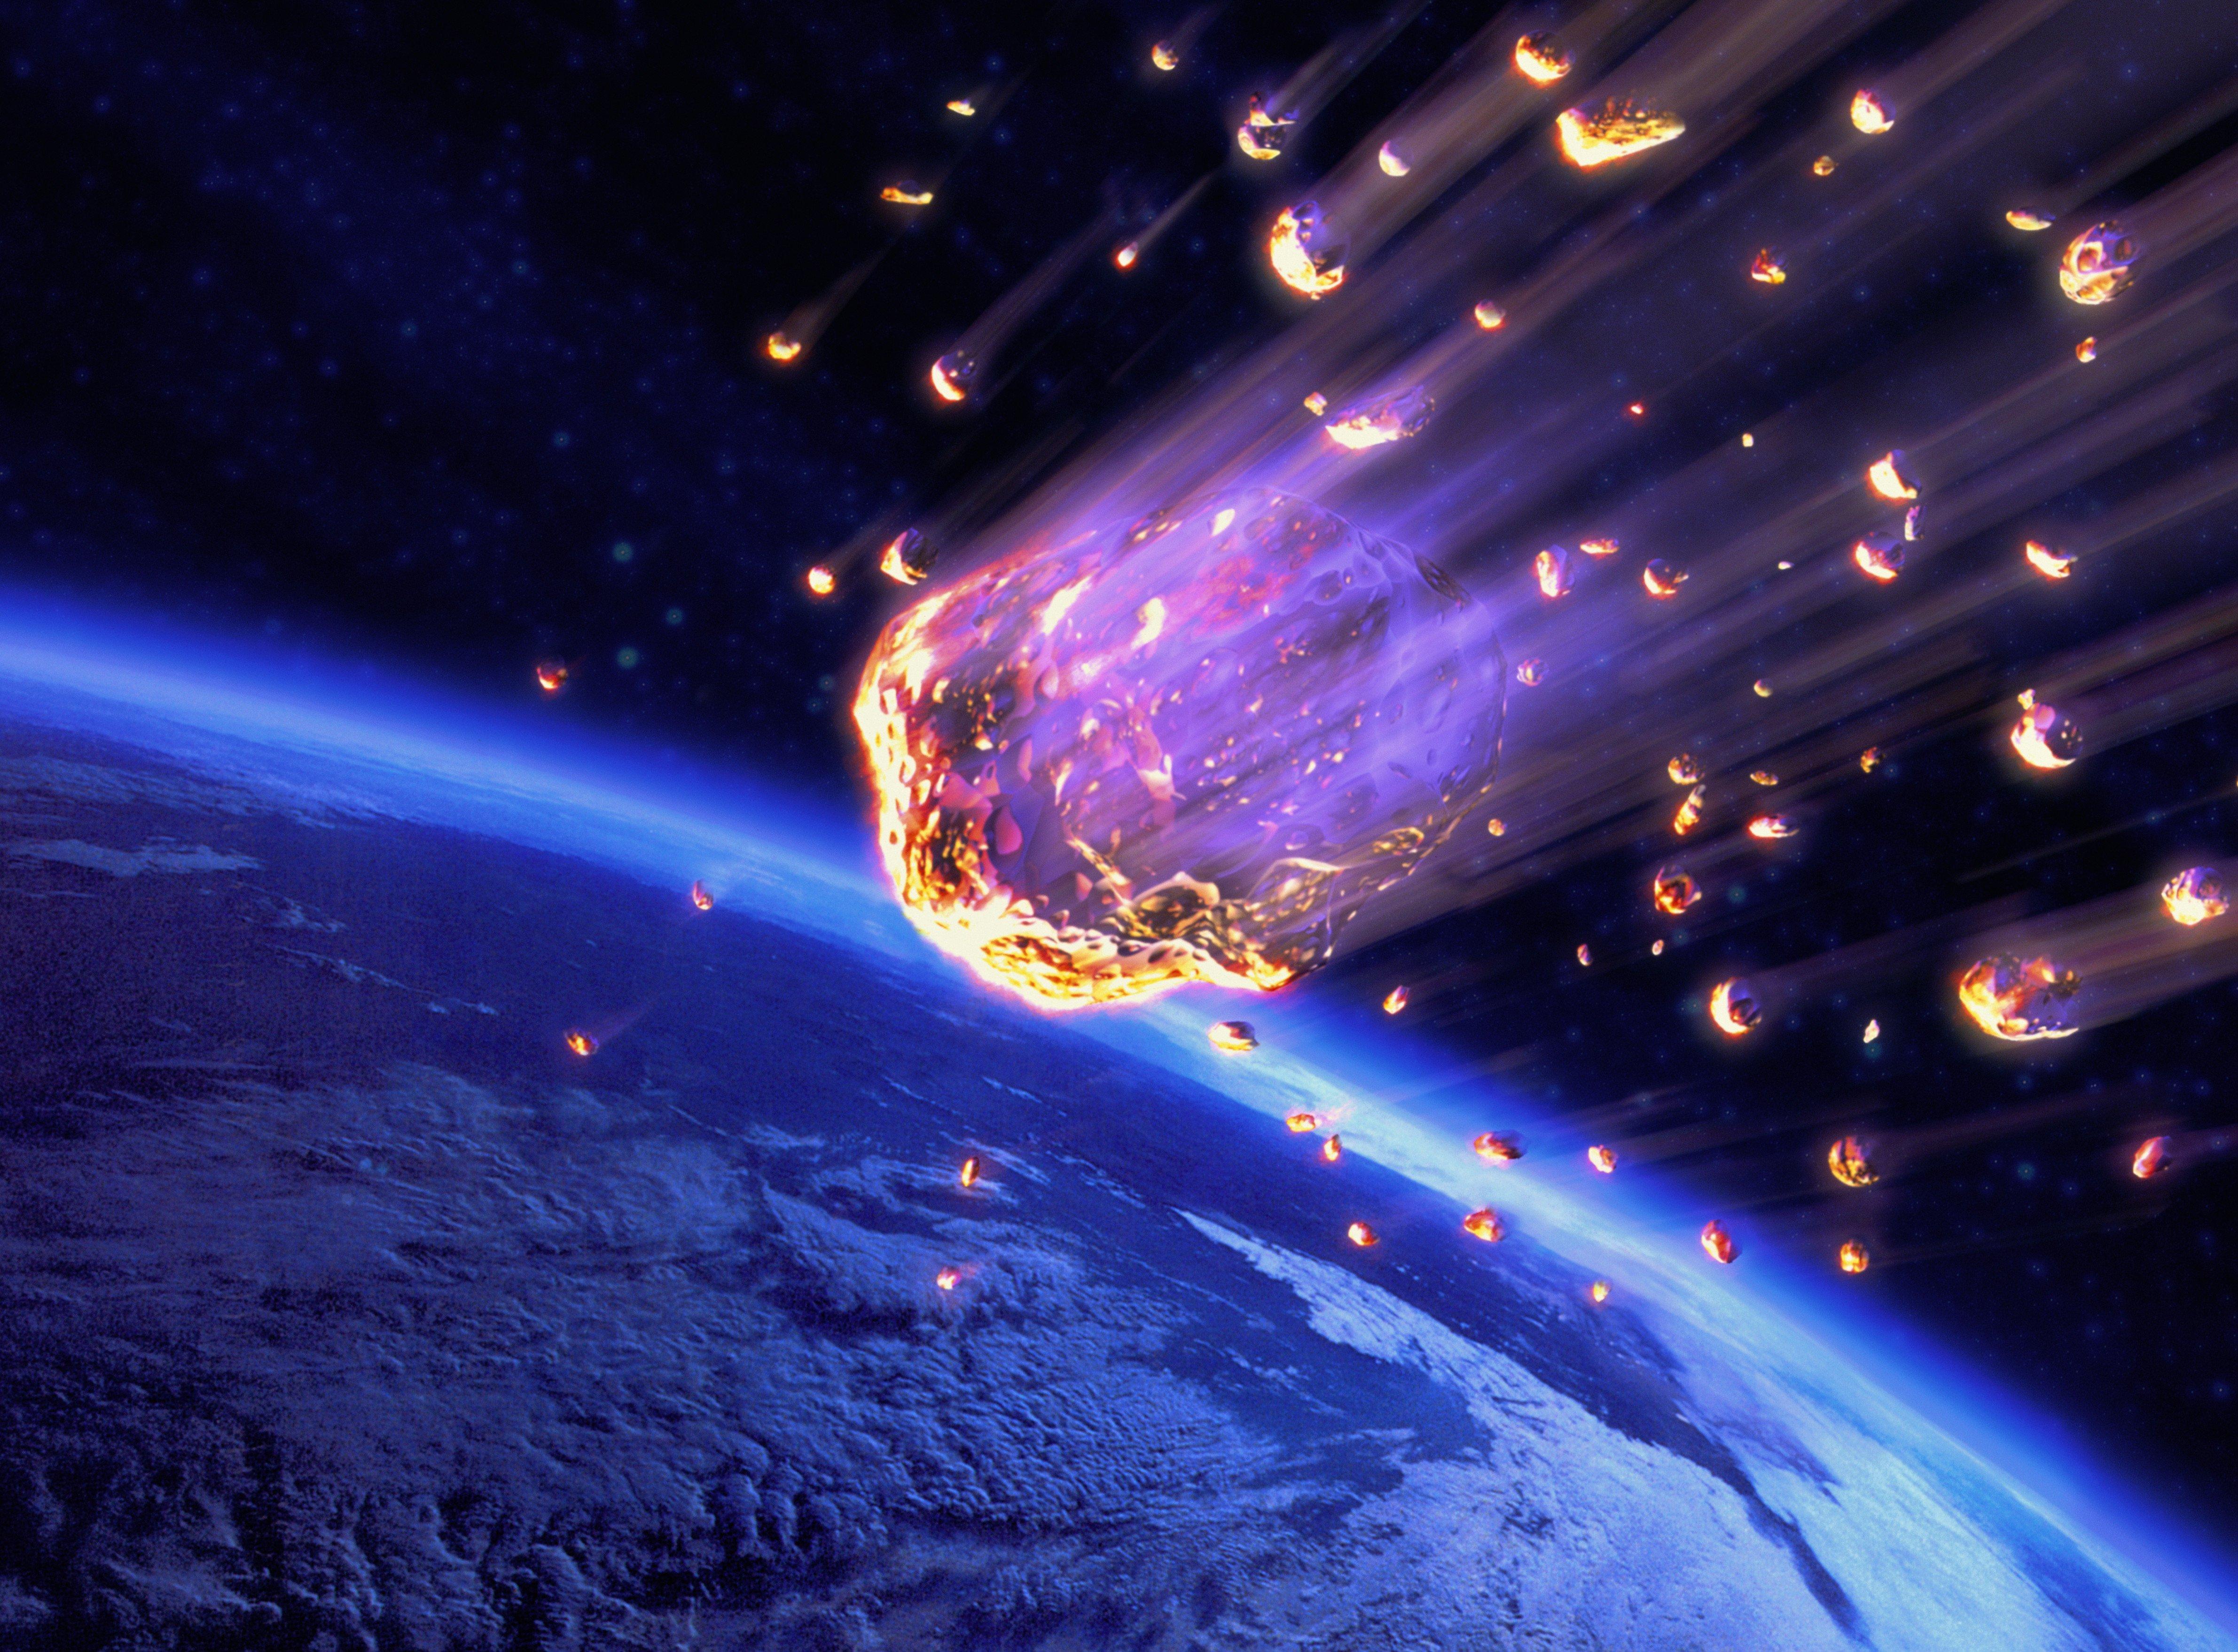 метеоры в космосе картинки как